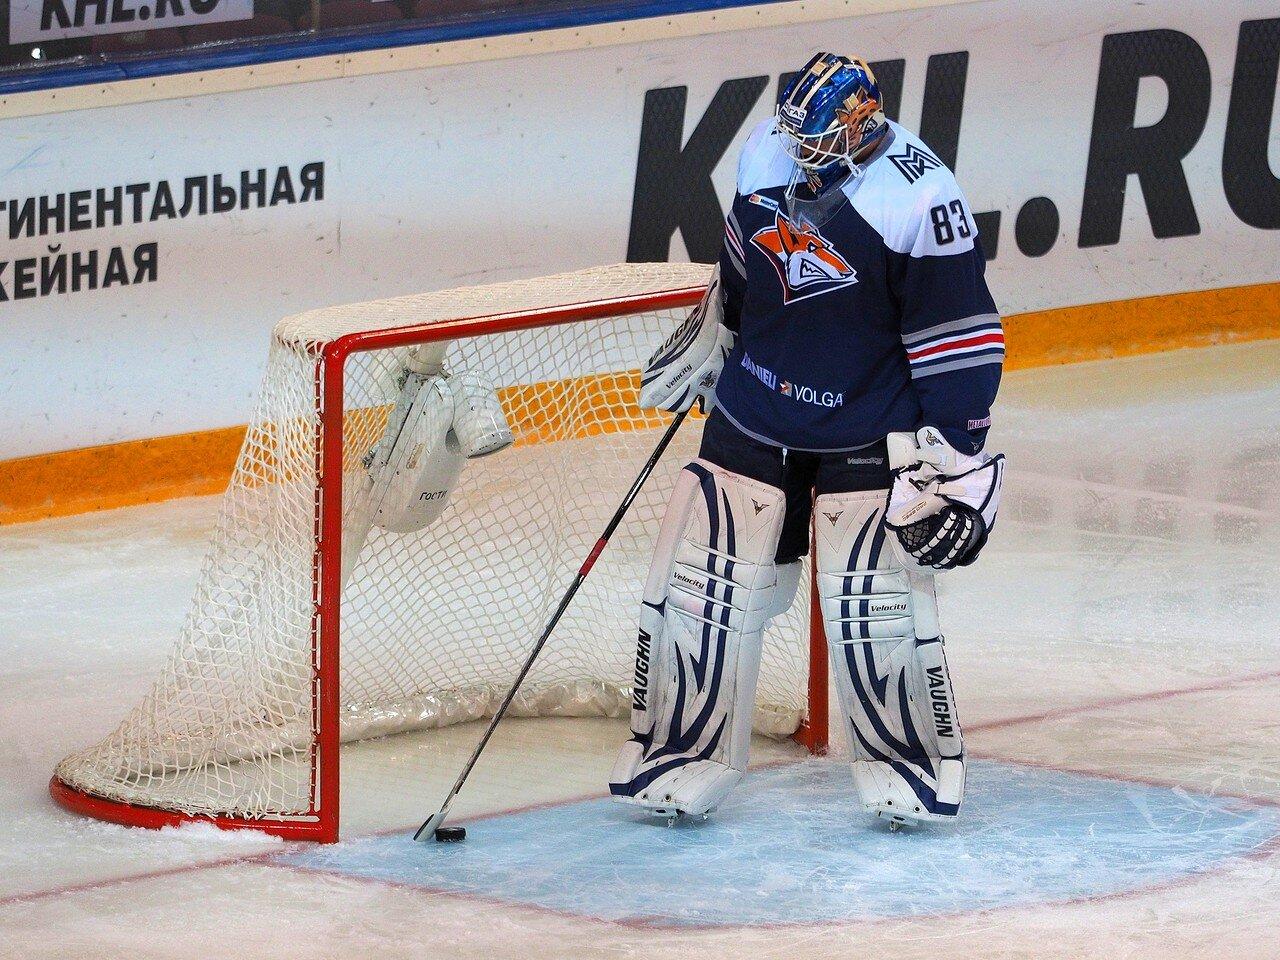 48Металлург - Динамо Минск 13.09.2016